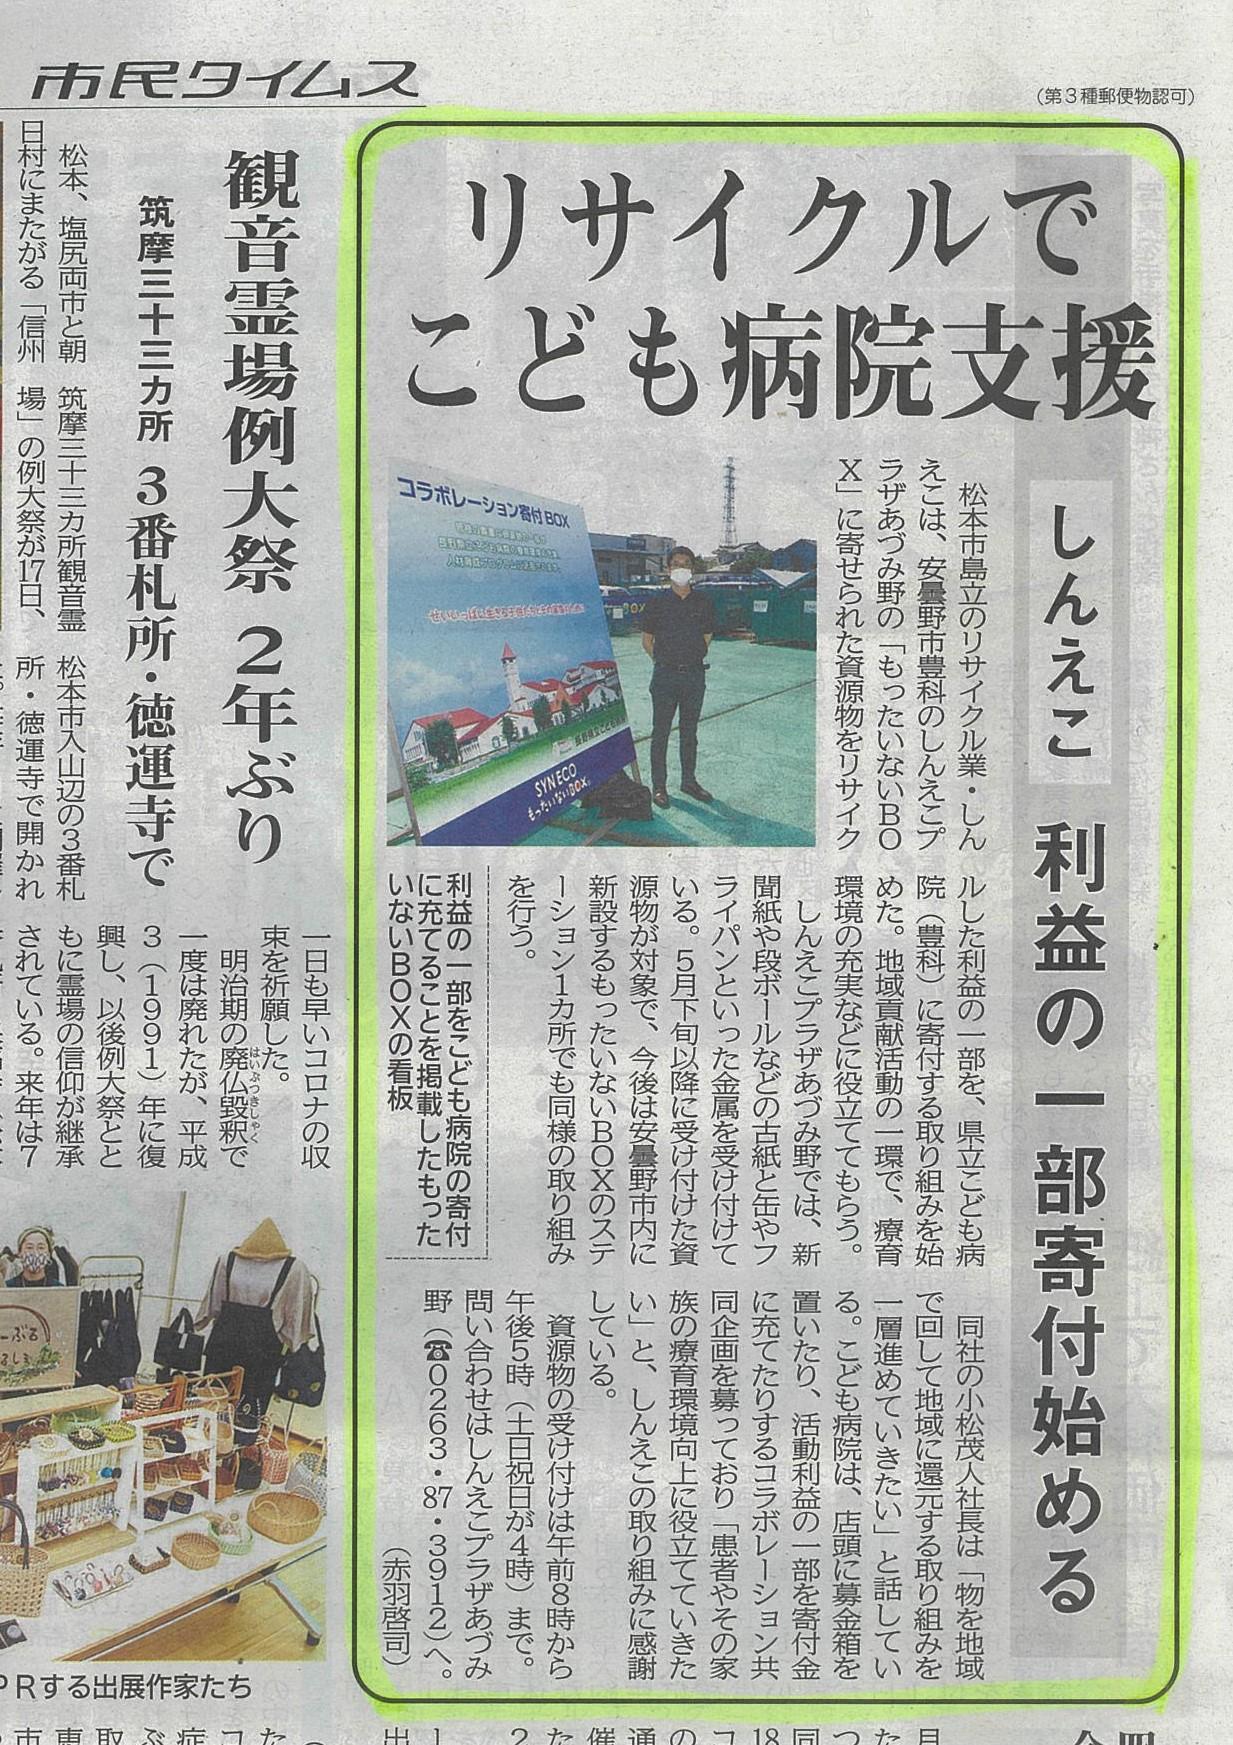 【メディア掲載】地域紙『市民タイムス』に、しんえこの取り組みが紹介されました